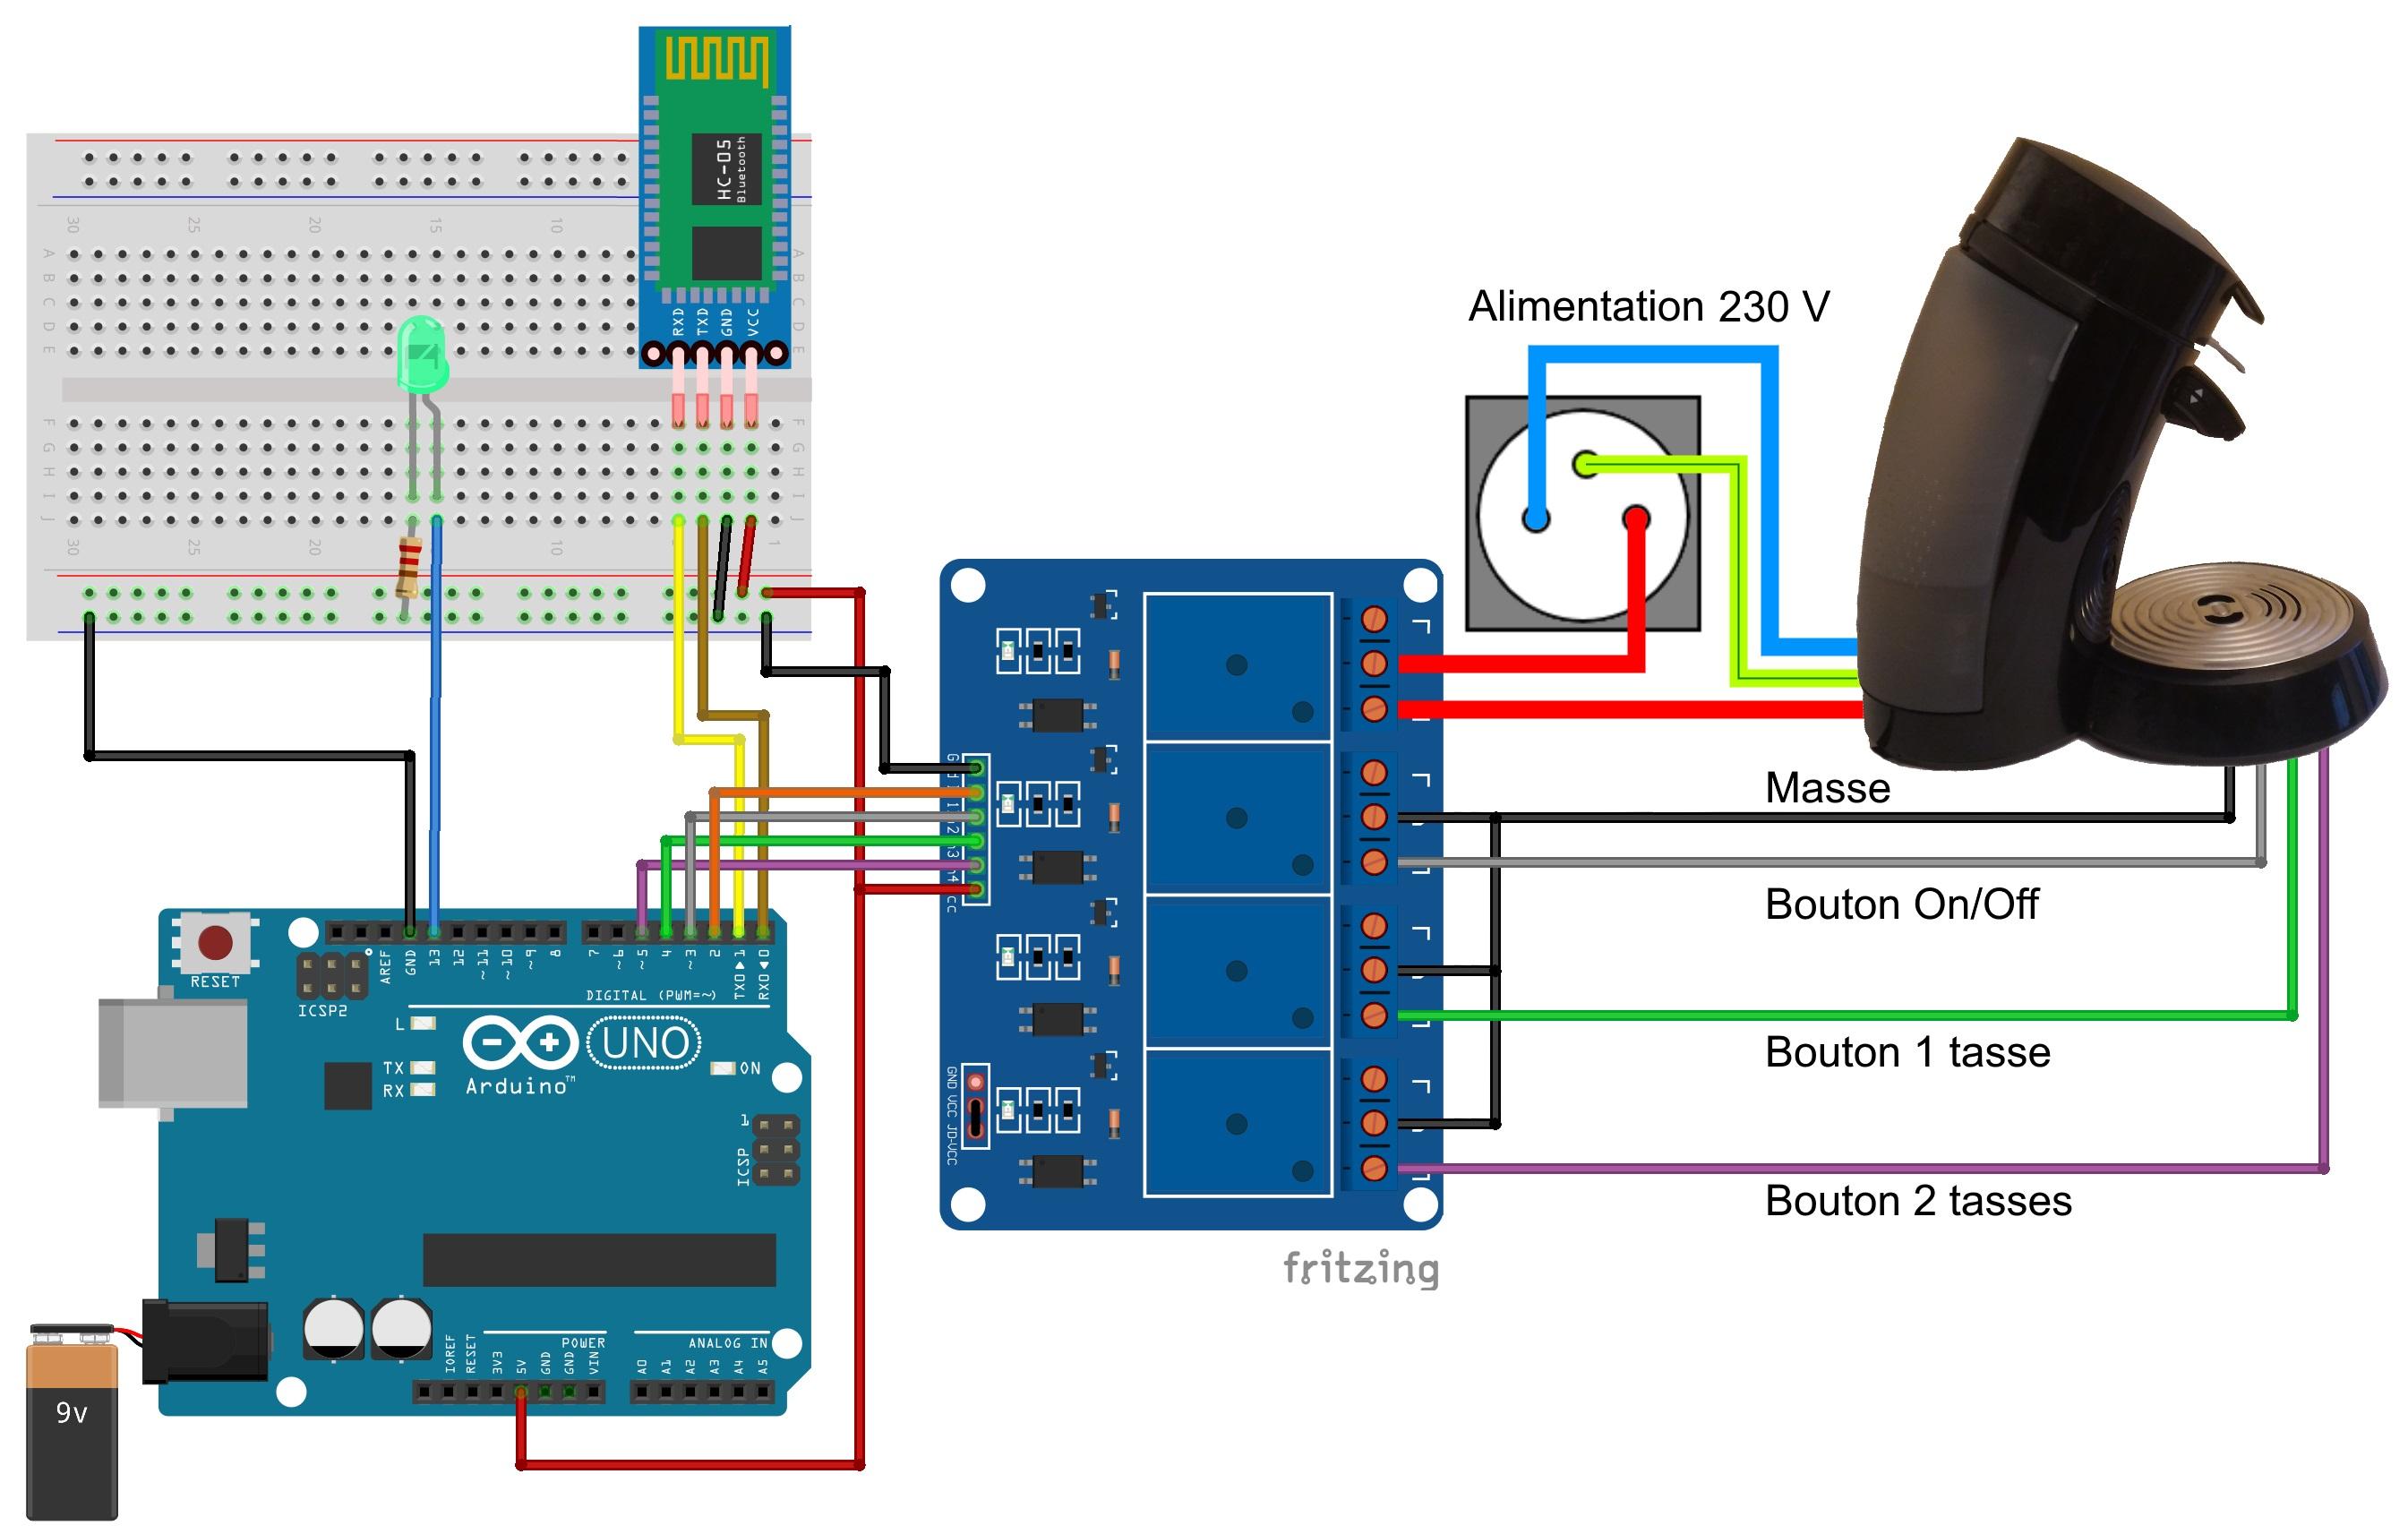 Schéma de branchement de la cafetière pilotée en Bluetooth.